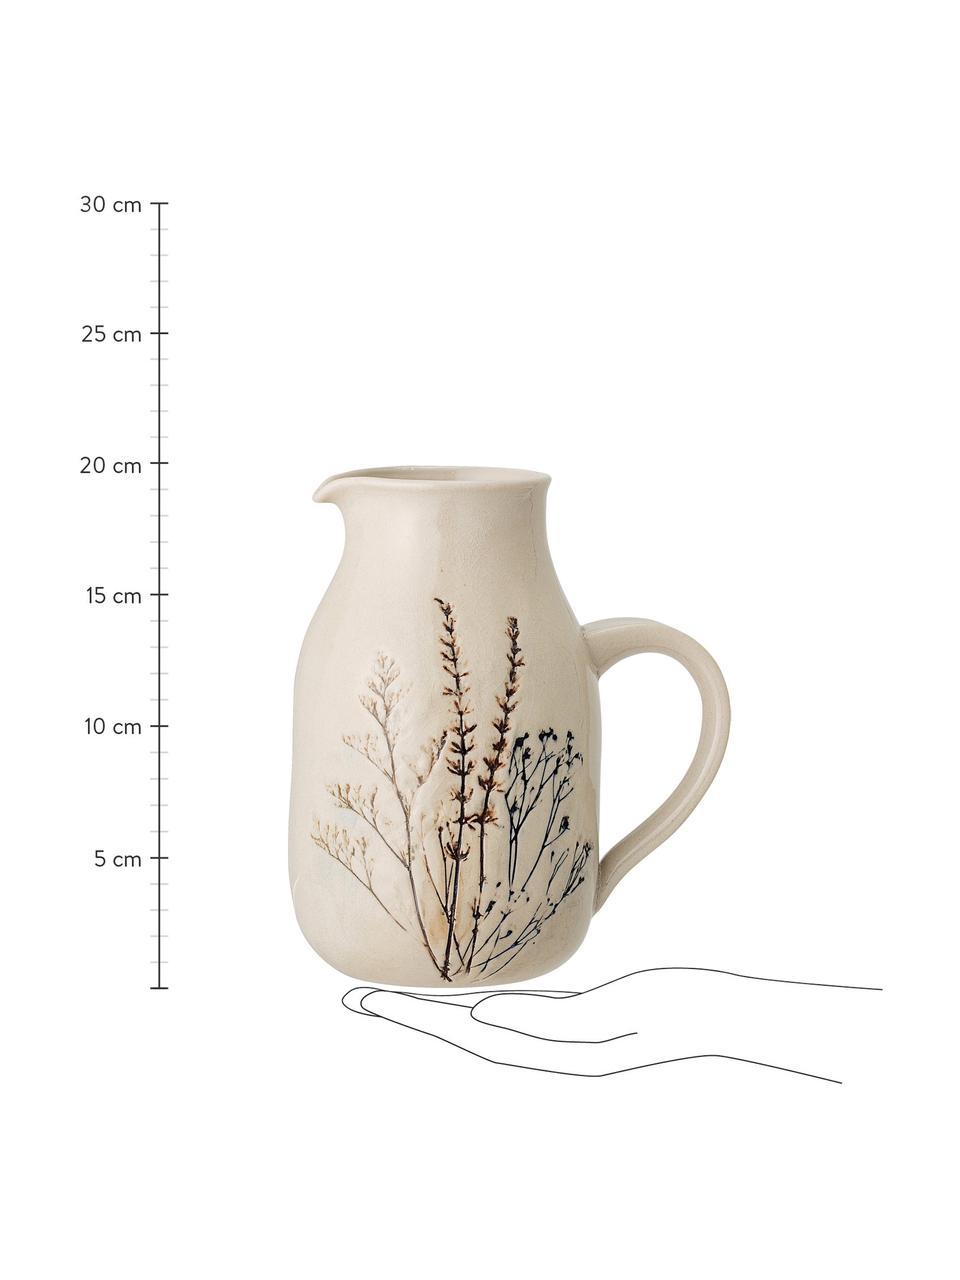 Handgemachter Krug Bea mit Gräser-Motiv,1.5 L, Steingut, Beige, Ø 12 x H 20 cm